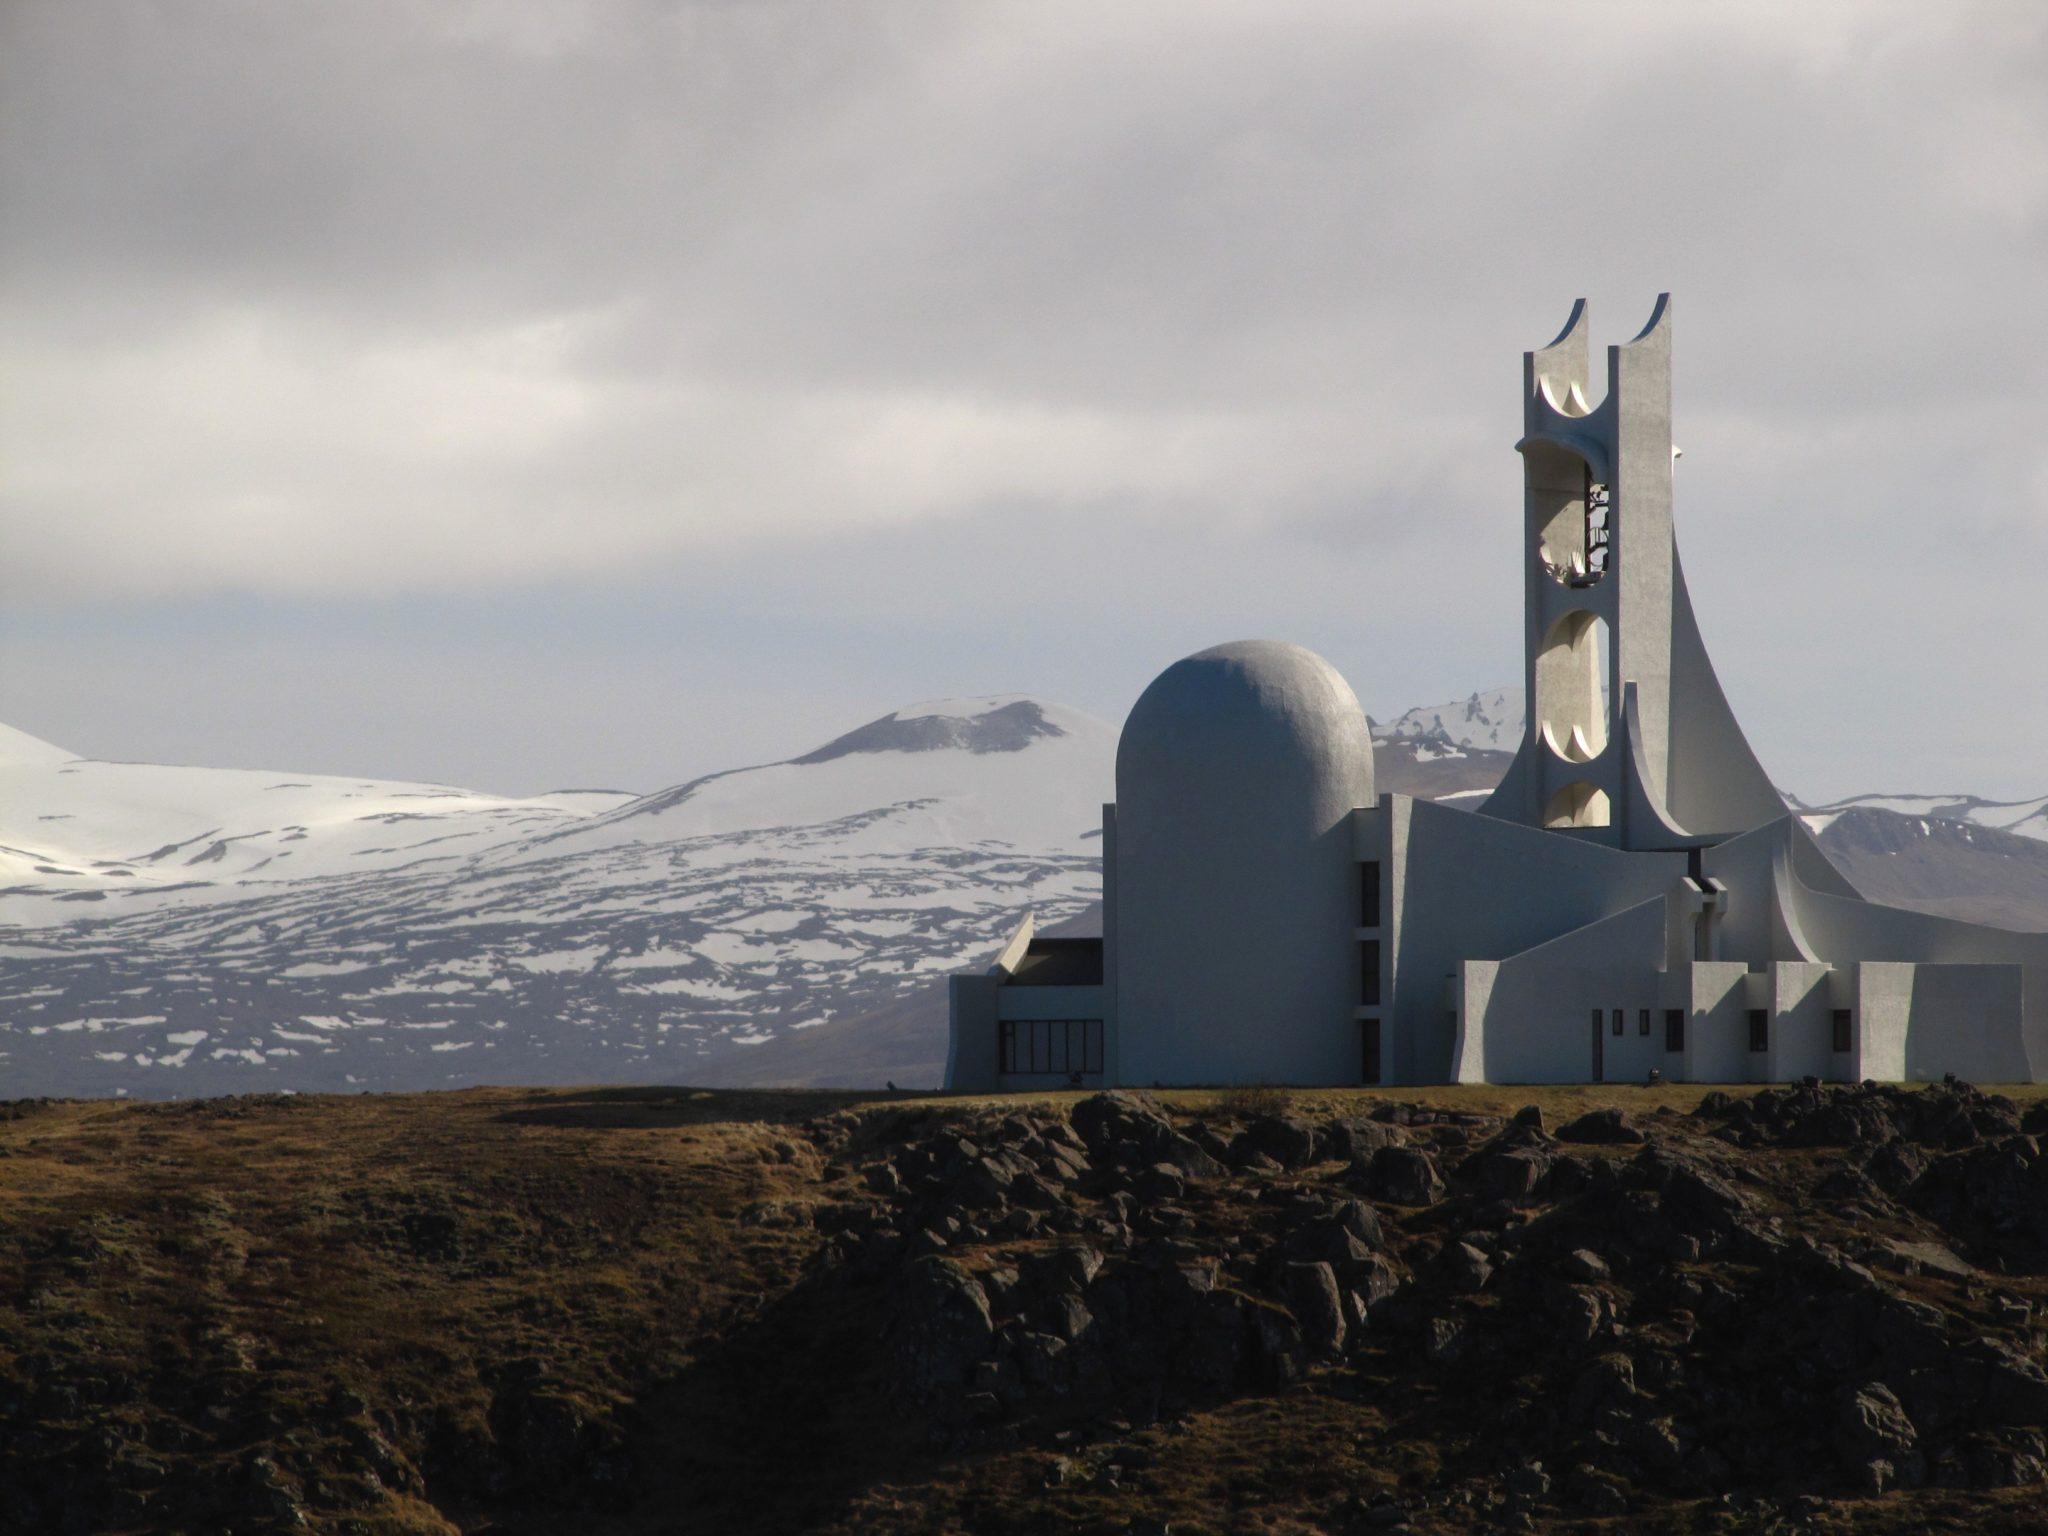 Kościół w Stykkisholmur - Islandia W liczącym niespełna 1200 mieszkańców islandzkim miasteczku Stykkisholmur znajduje się jedna z najbardziej oryginalnych budowli na całej wyspie. Biały betonowy kościół został wybudowany w 1980 roku w stylu modernistycznym. Wejście do budynku znajduje się pomiędzy dwoma szerokimi ramionami, które kierują wzrok w górę, ku umieszczonemu na wieży dzwonowi. Kościół jest także używany jako sala koncertowa.   Fot. dreamstime